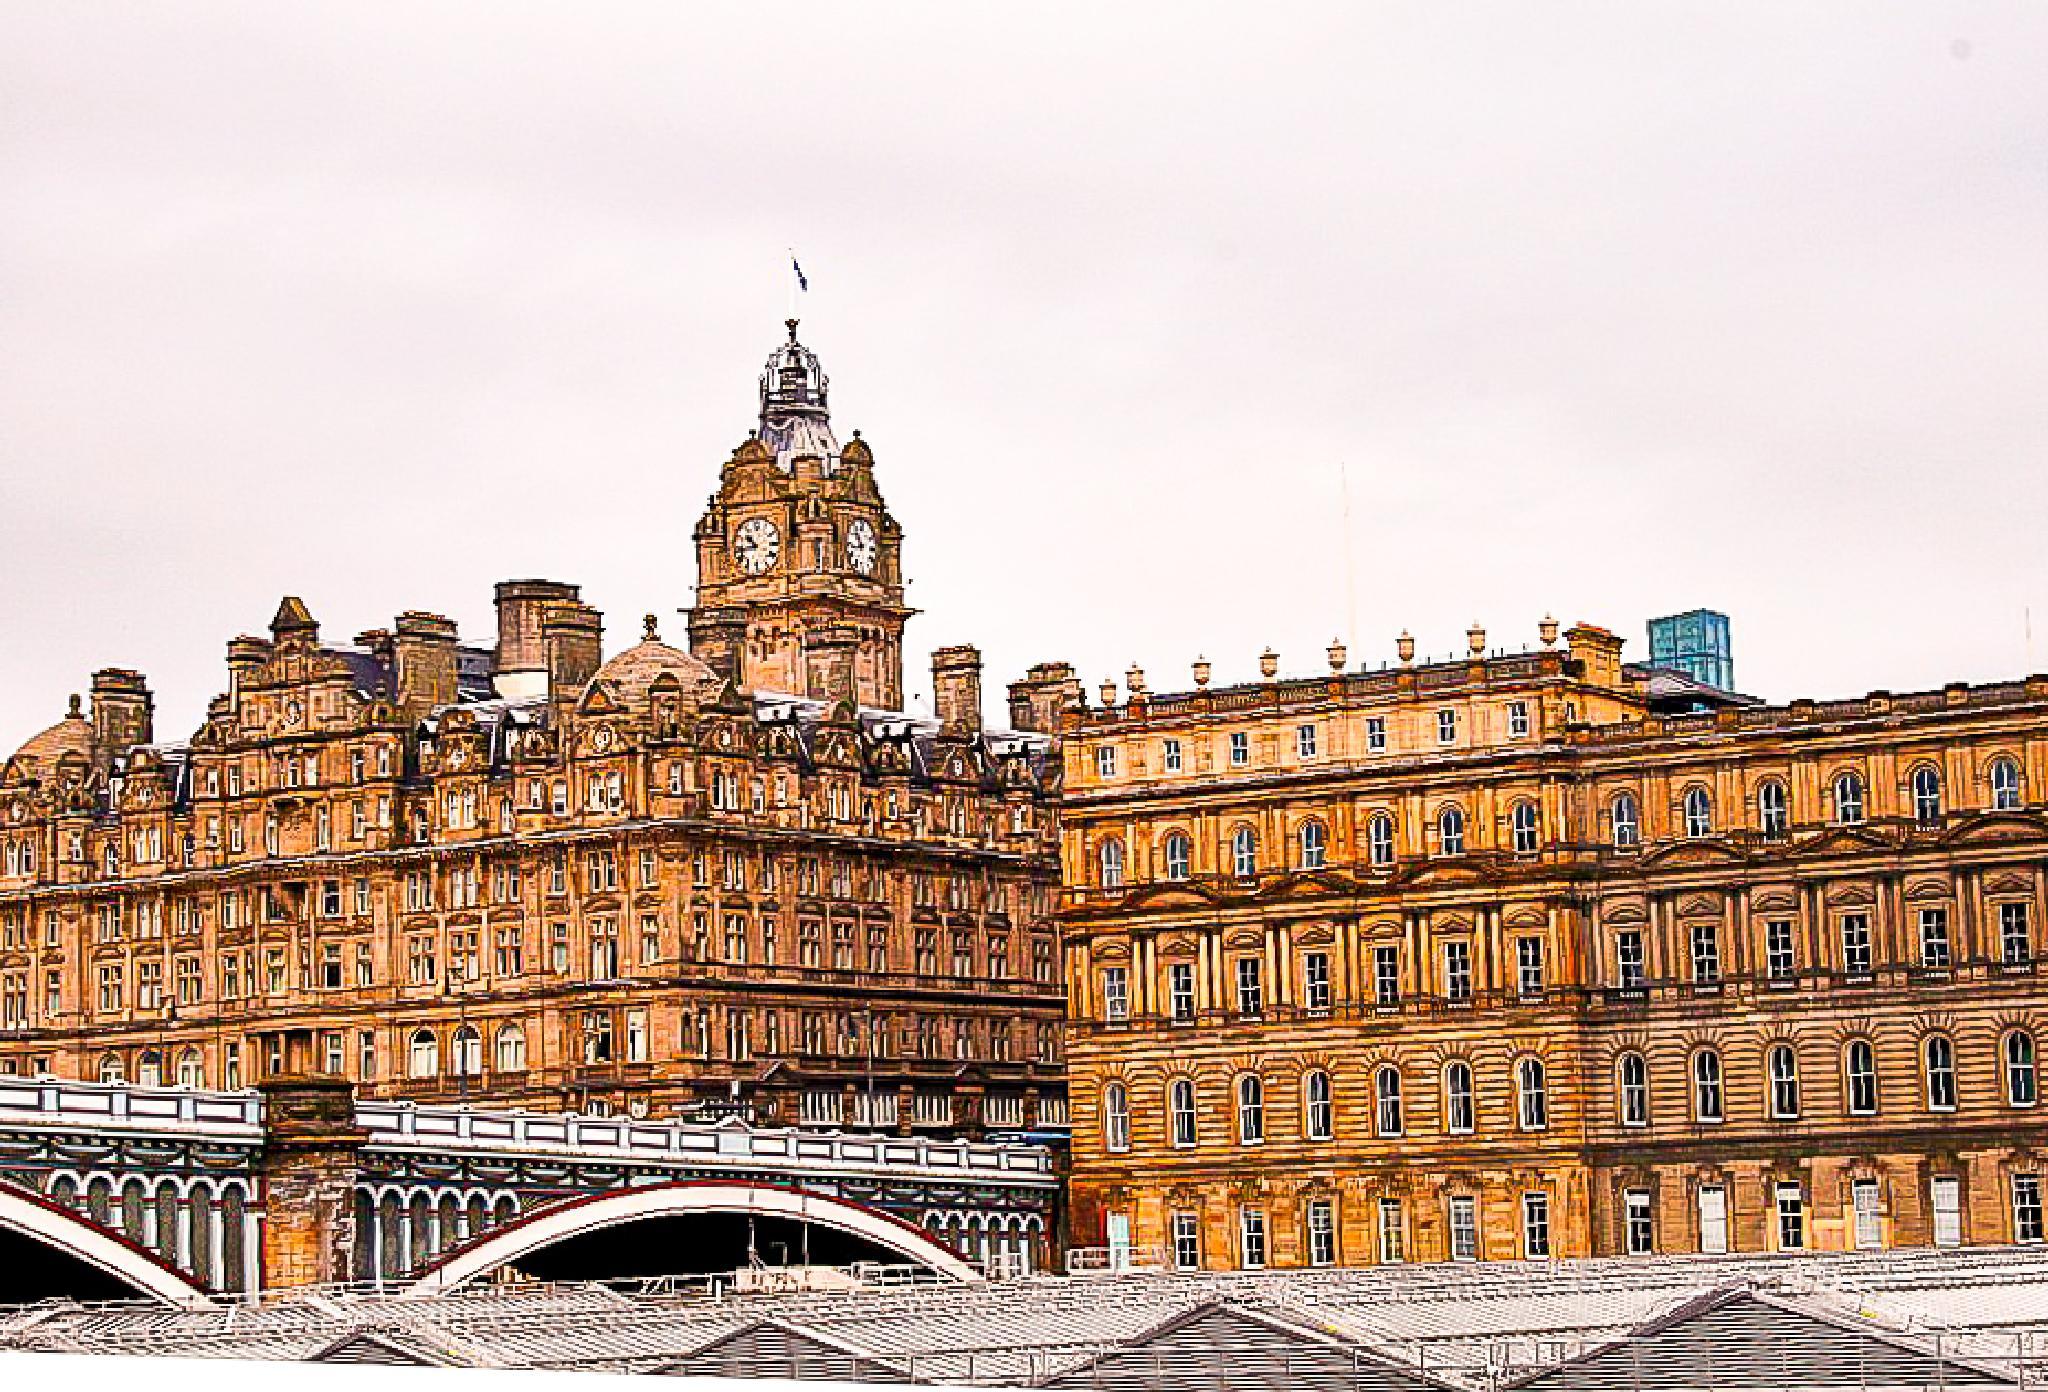 Balmoral Hotel Edinburgh by bob.cunningham.56884